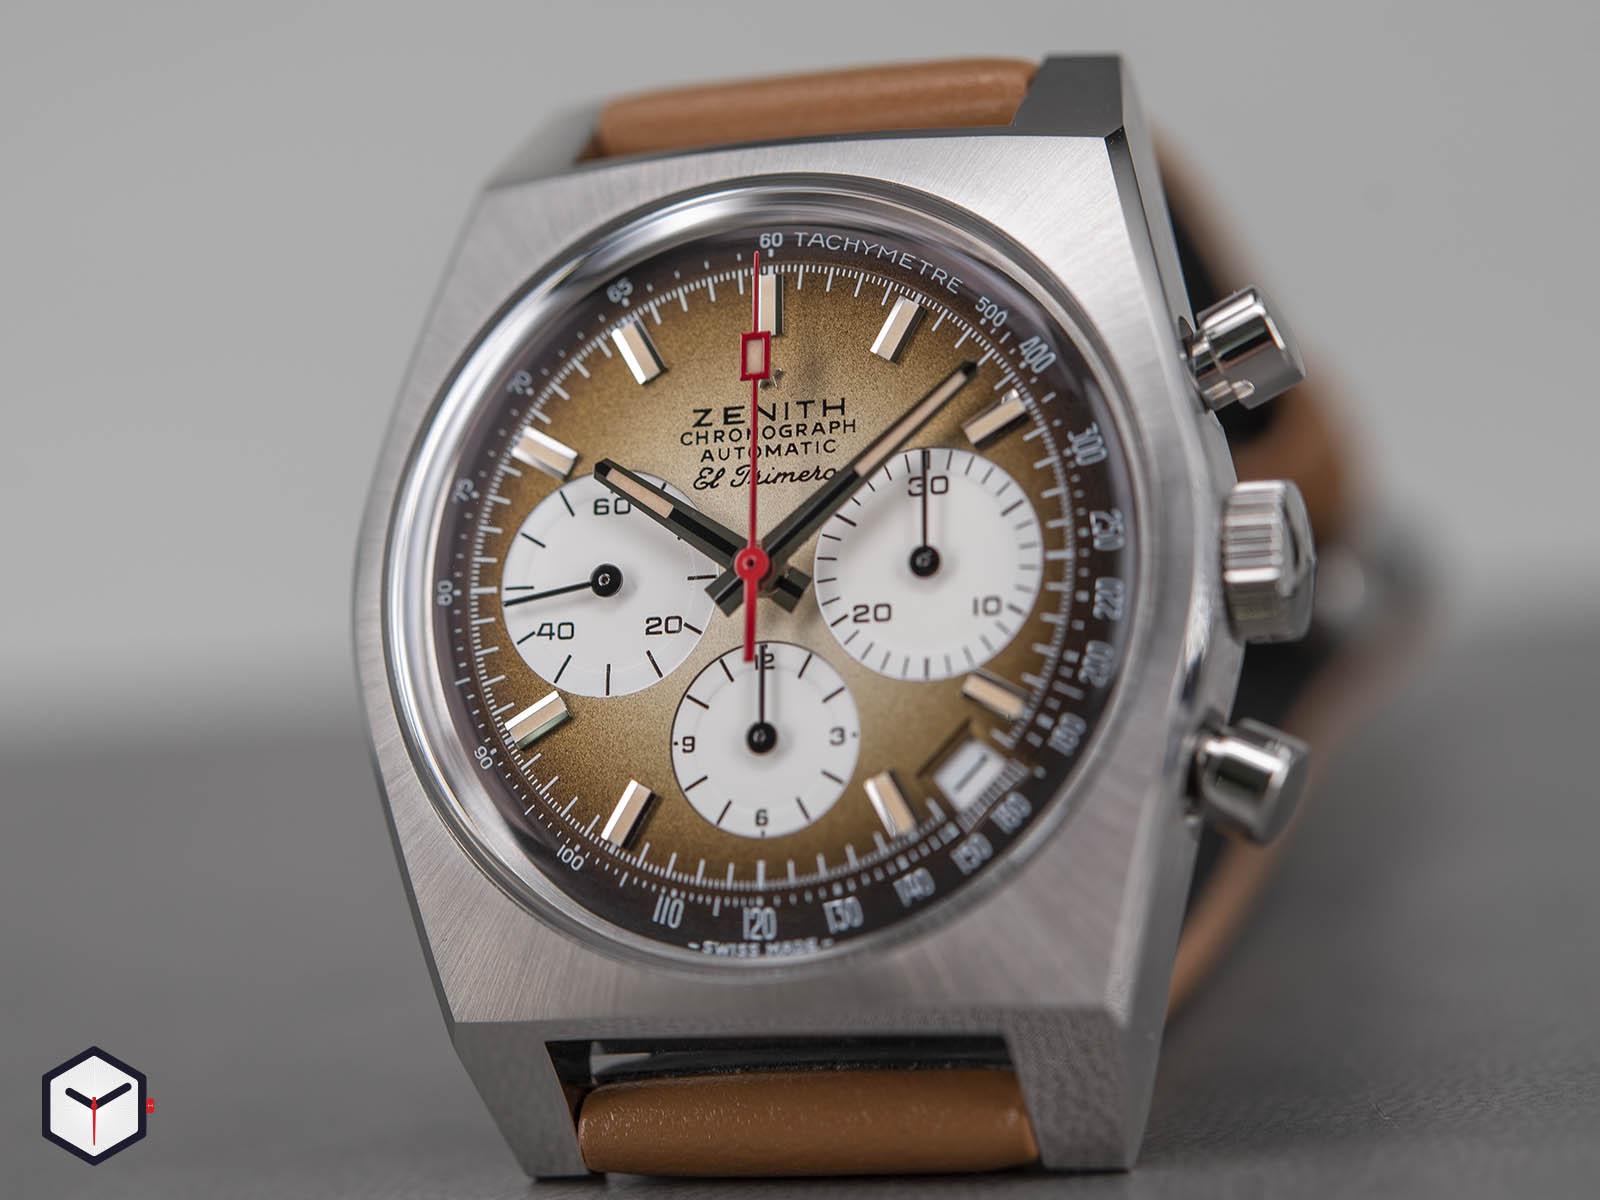 03-a384-400-385-c855-zenith-chronomaster-revival-a385-2-1.jpg